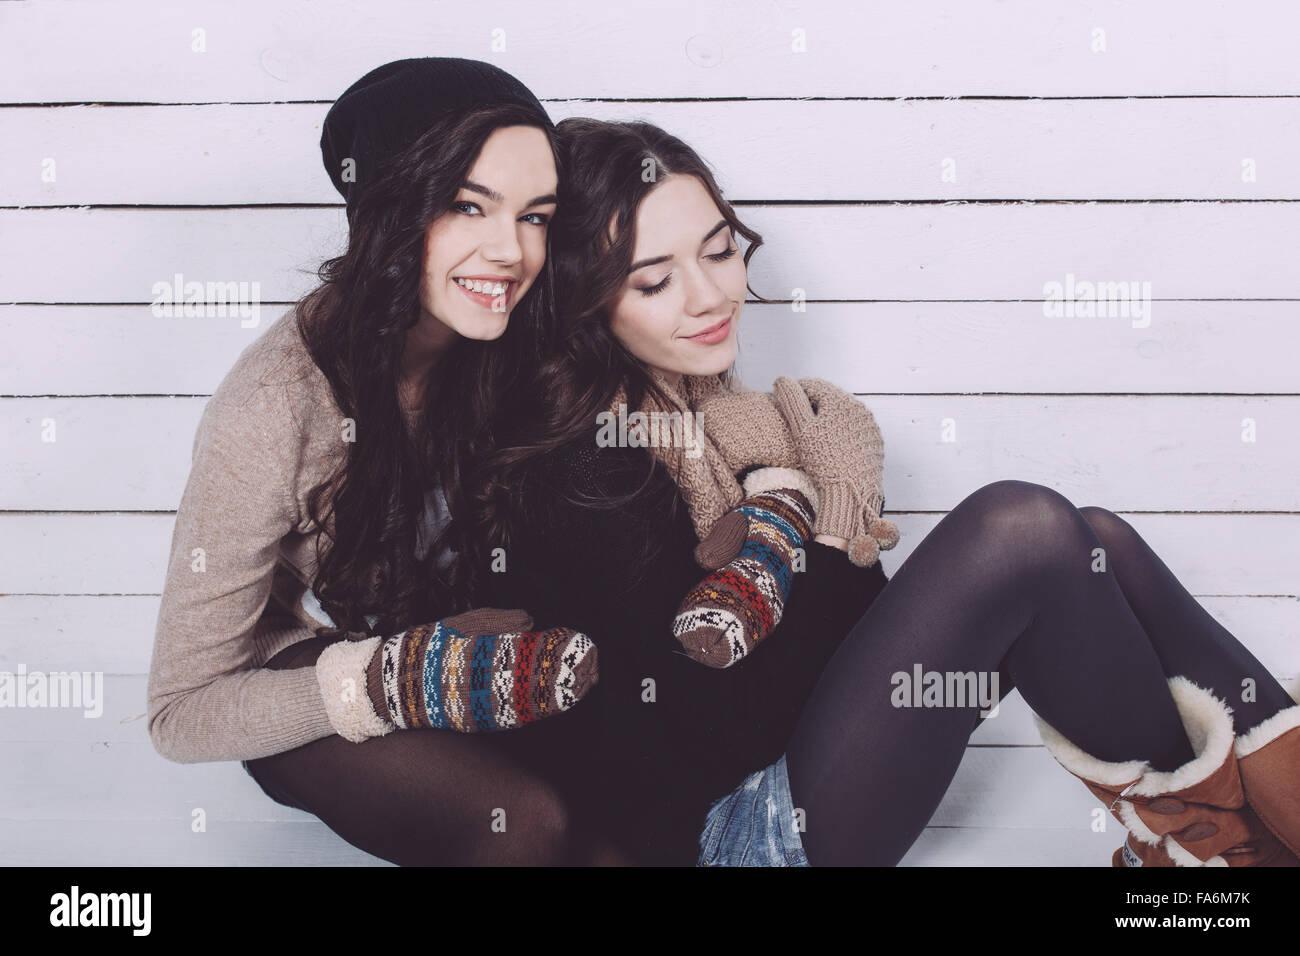 Niedliche Mädchen umarmt Stockfoto